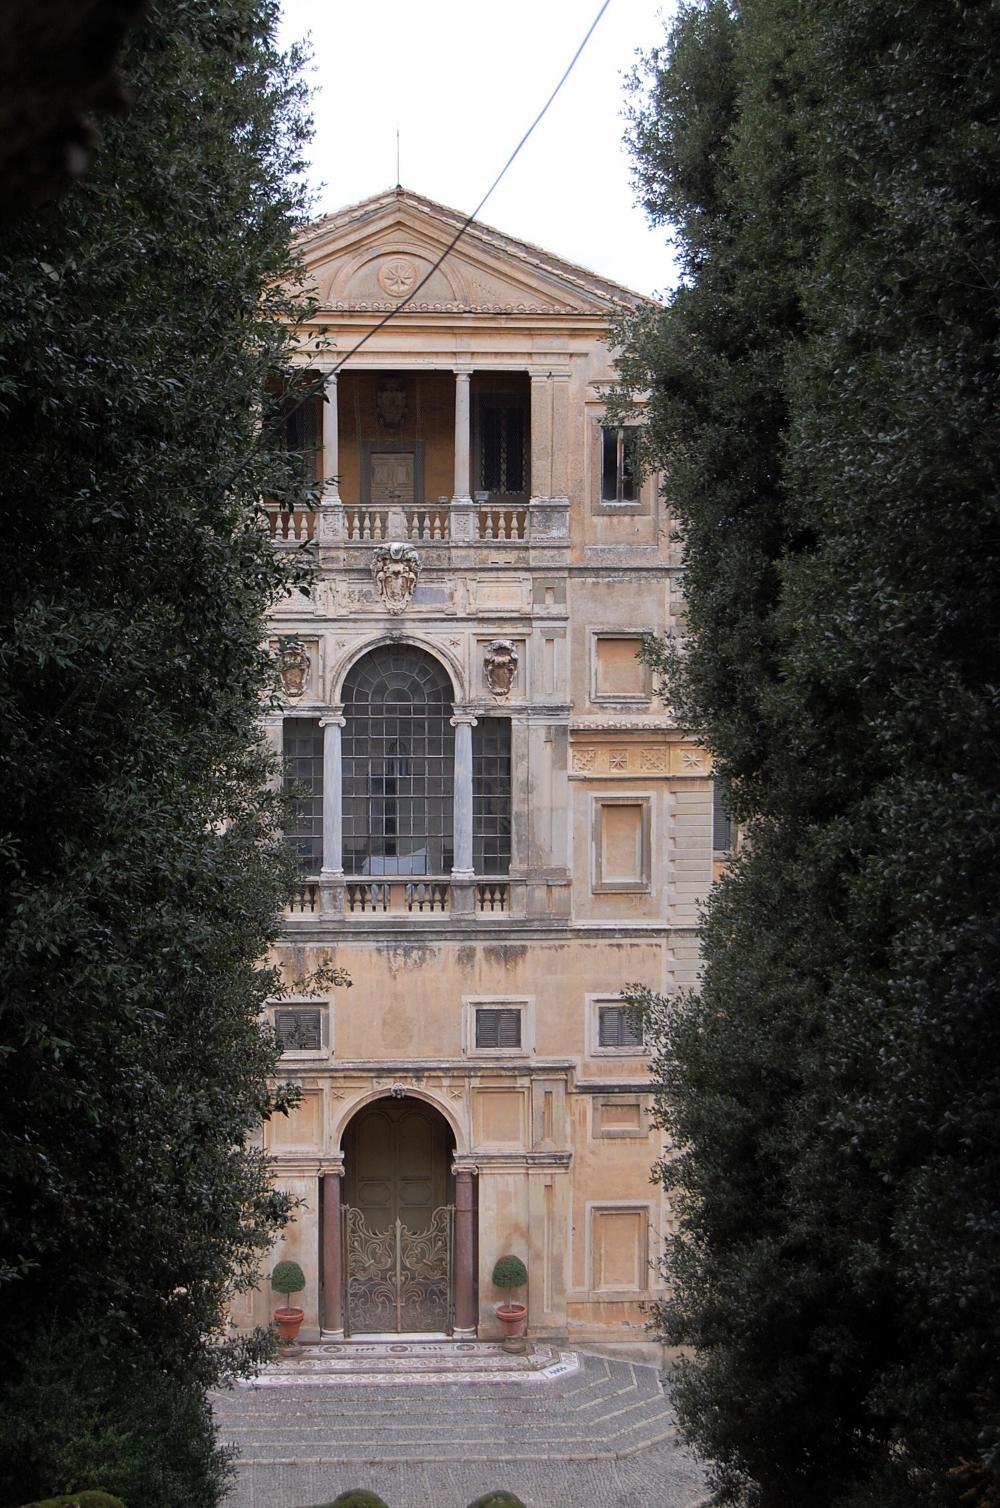 rocaille-blog-villa-aldobrandini-frascati-giardino (25)